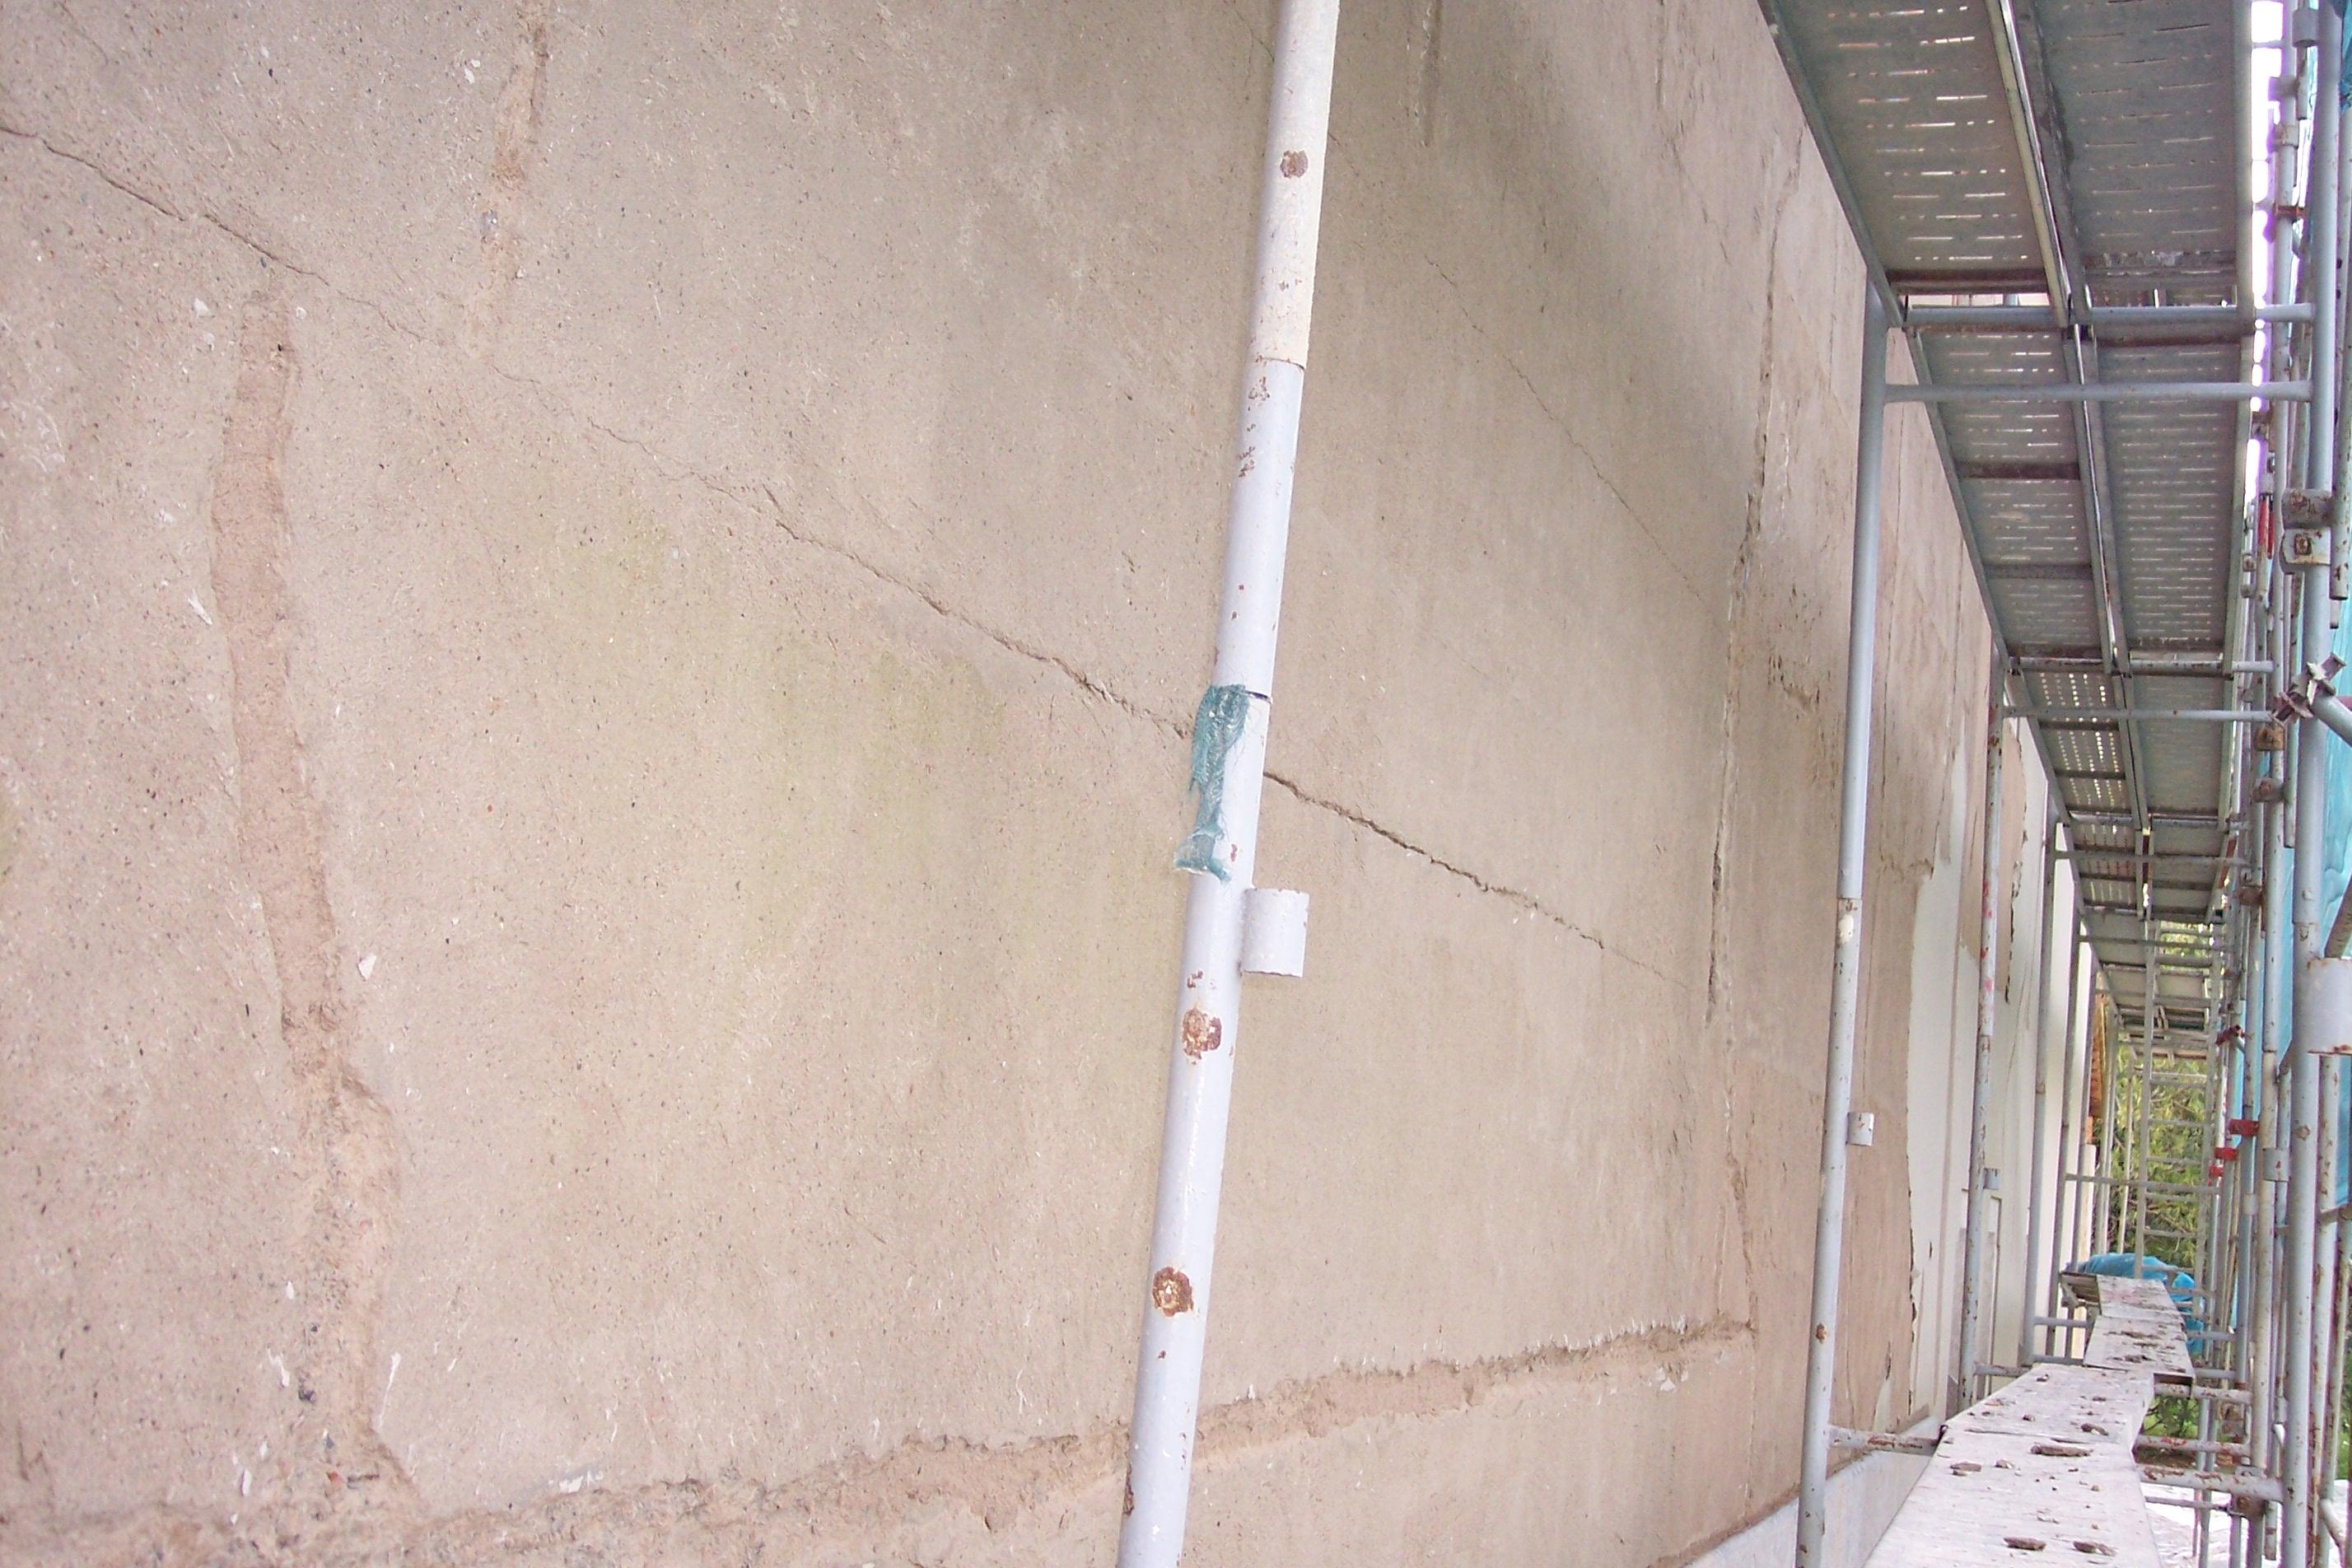 restauracion de fachada con grietas profundas